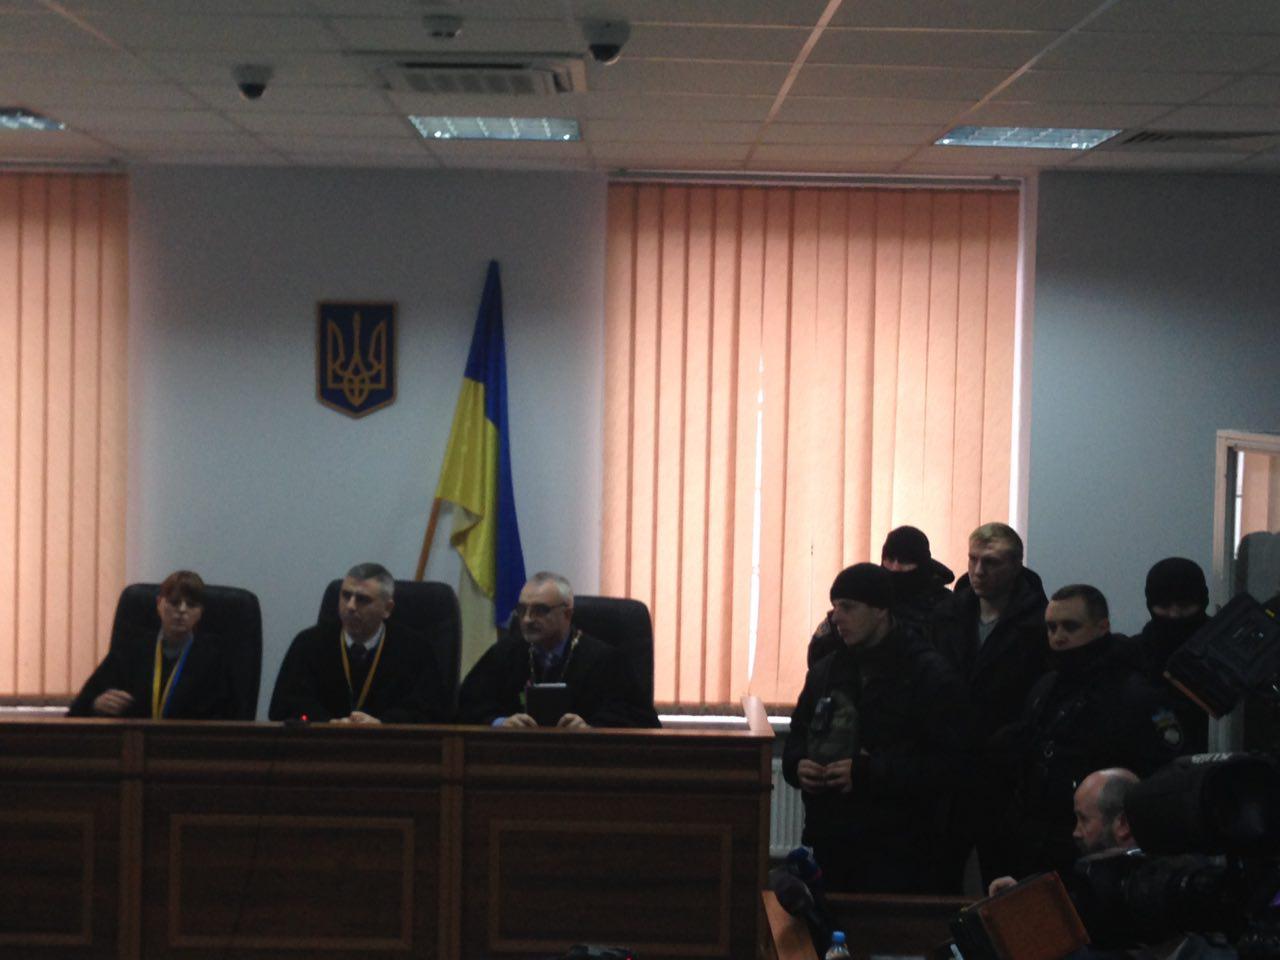 В Киеве возобновился суд по убийству Бузины. Штурмовики стянуты в зал